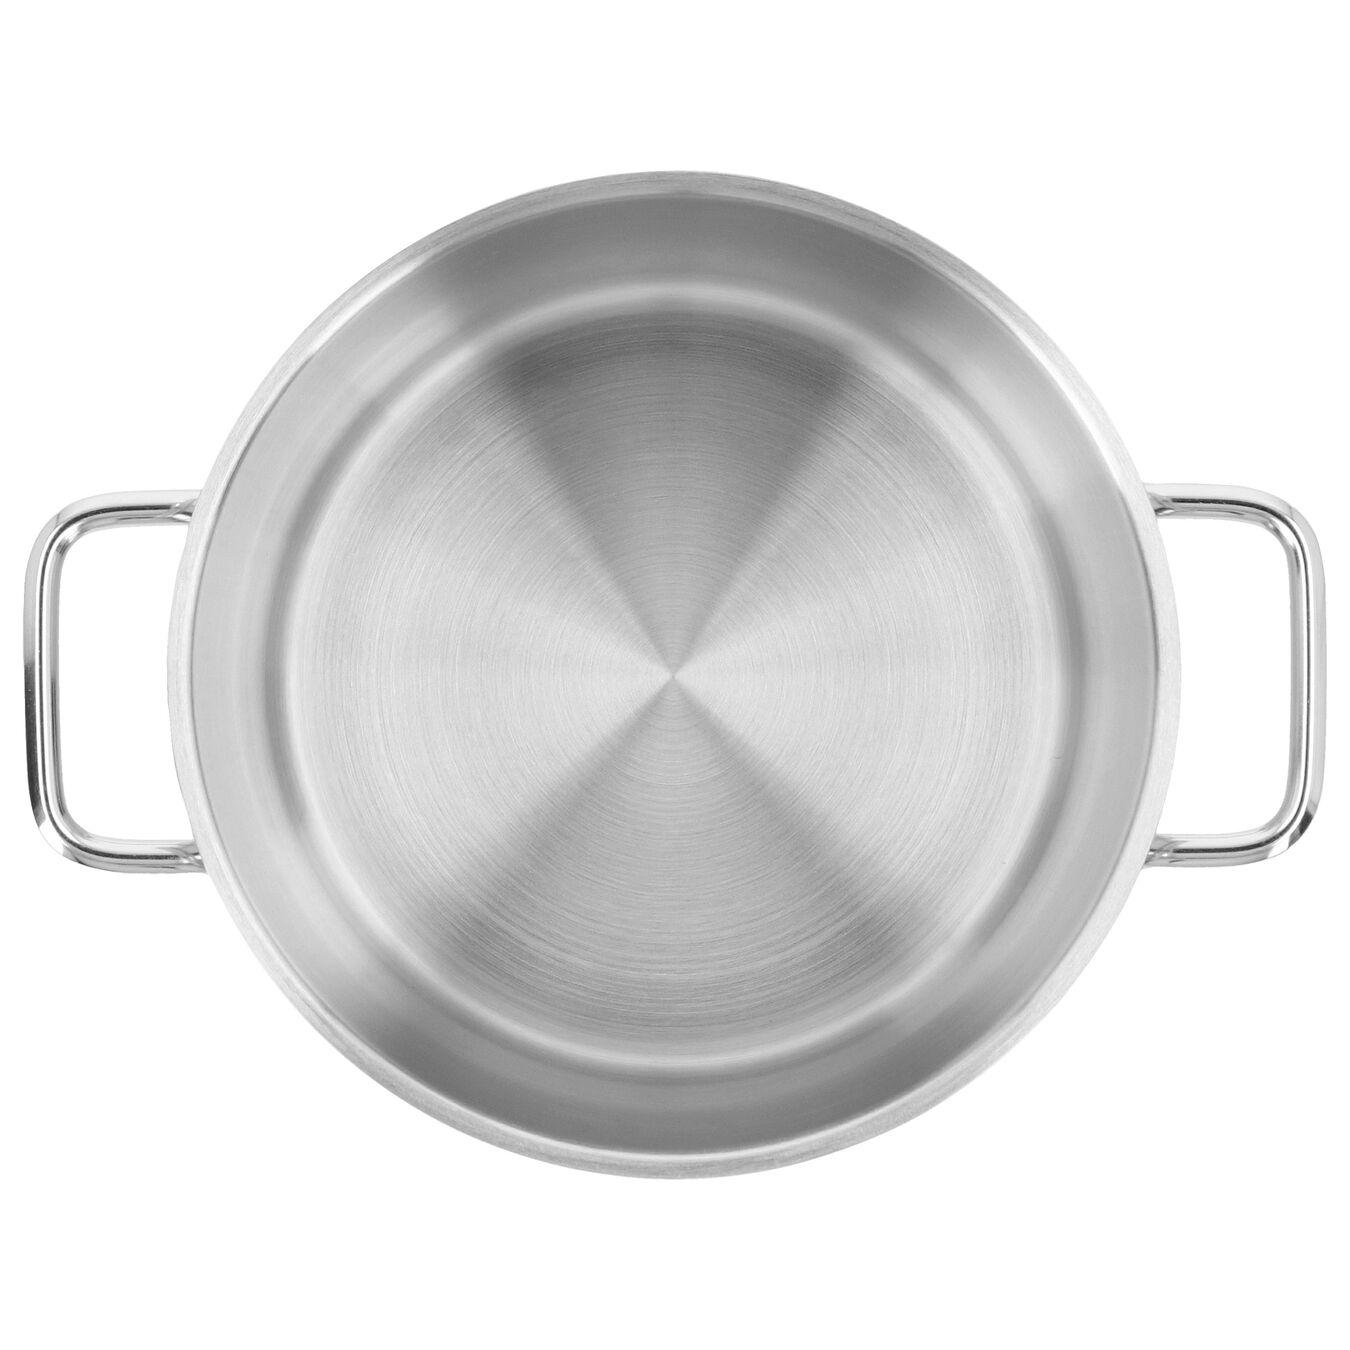 Derin Tencere Kapaklı | 18/10 Paslanmaz Çelik | 20 cm,,large 4